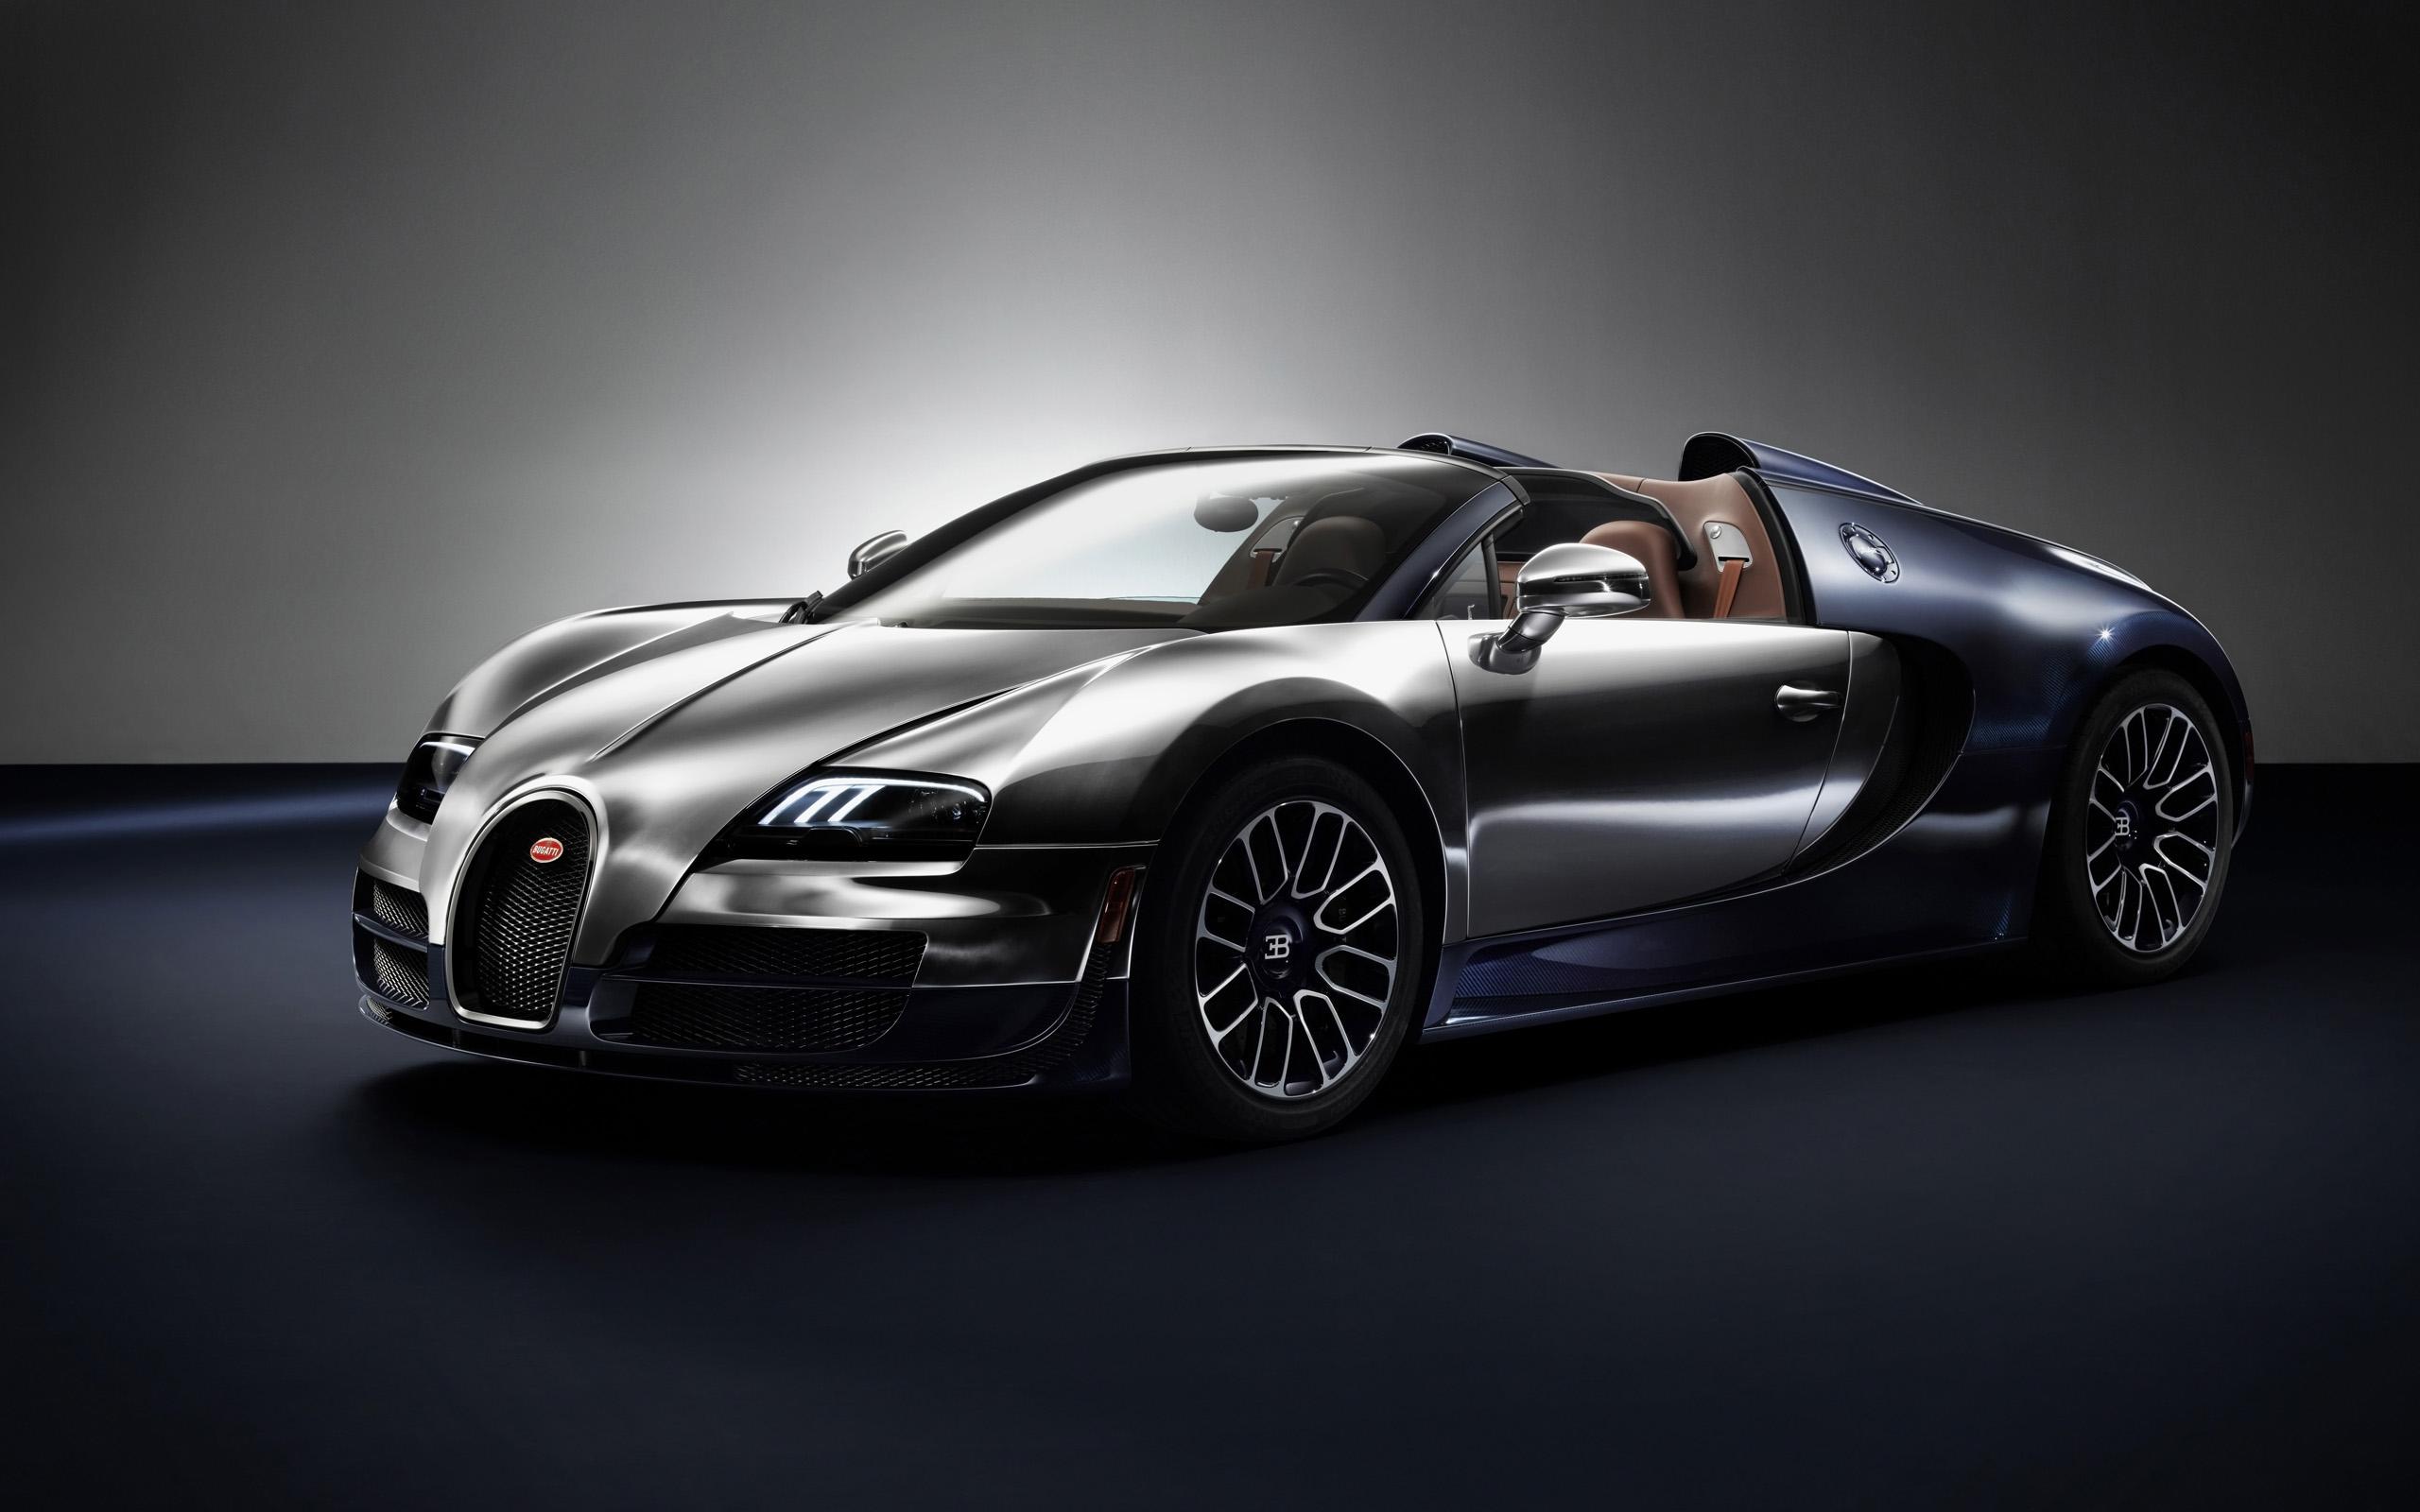 Bugatti Veyron Grand Sport Vitesse Wallpaper Hd: 2014 Bugatti Veyron Grand Sport Vitesse Legend Ettore